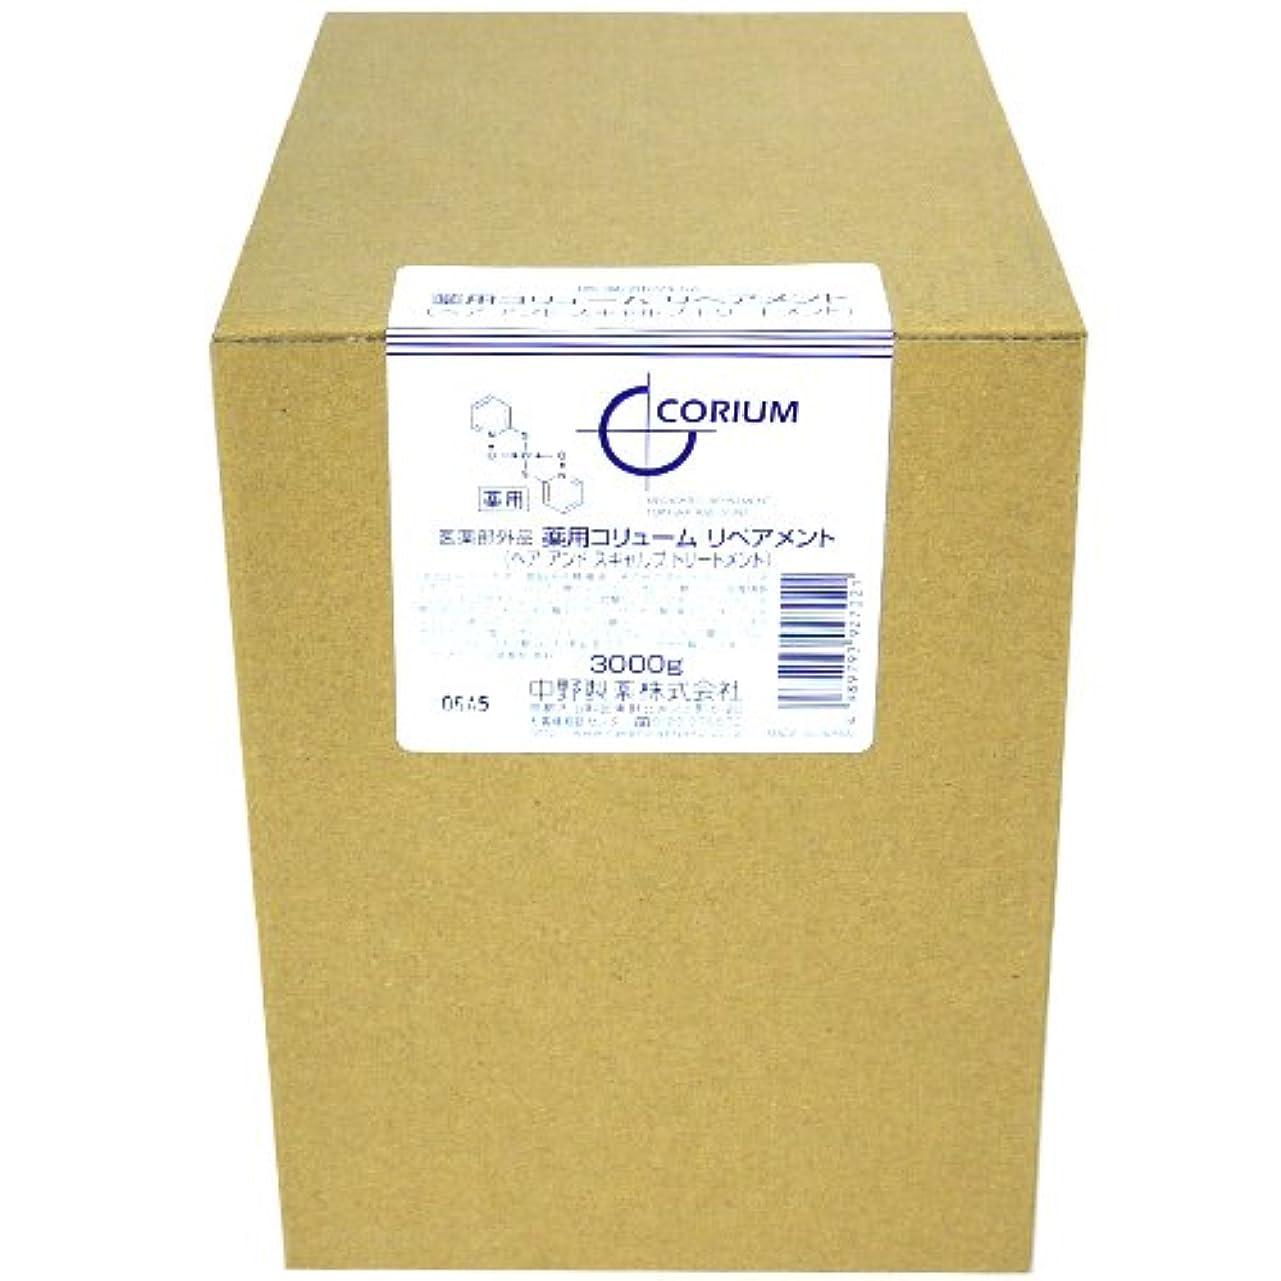 ナカノ 薬用 コリューム リペアメント 3000g